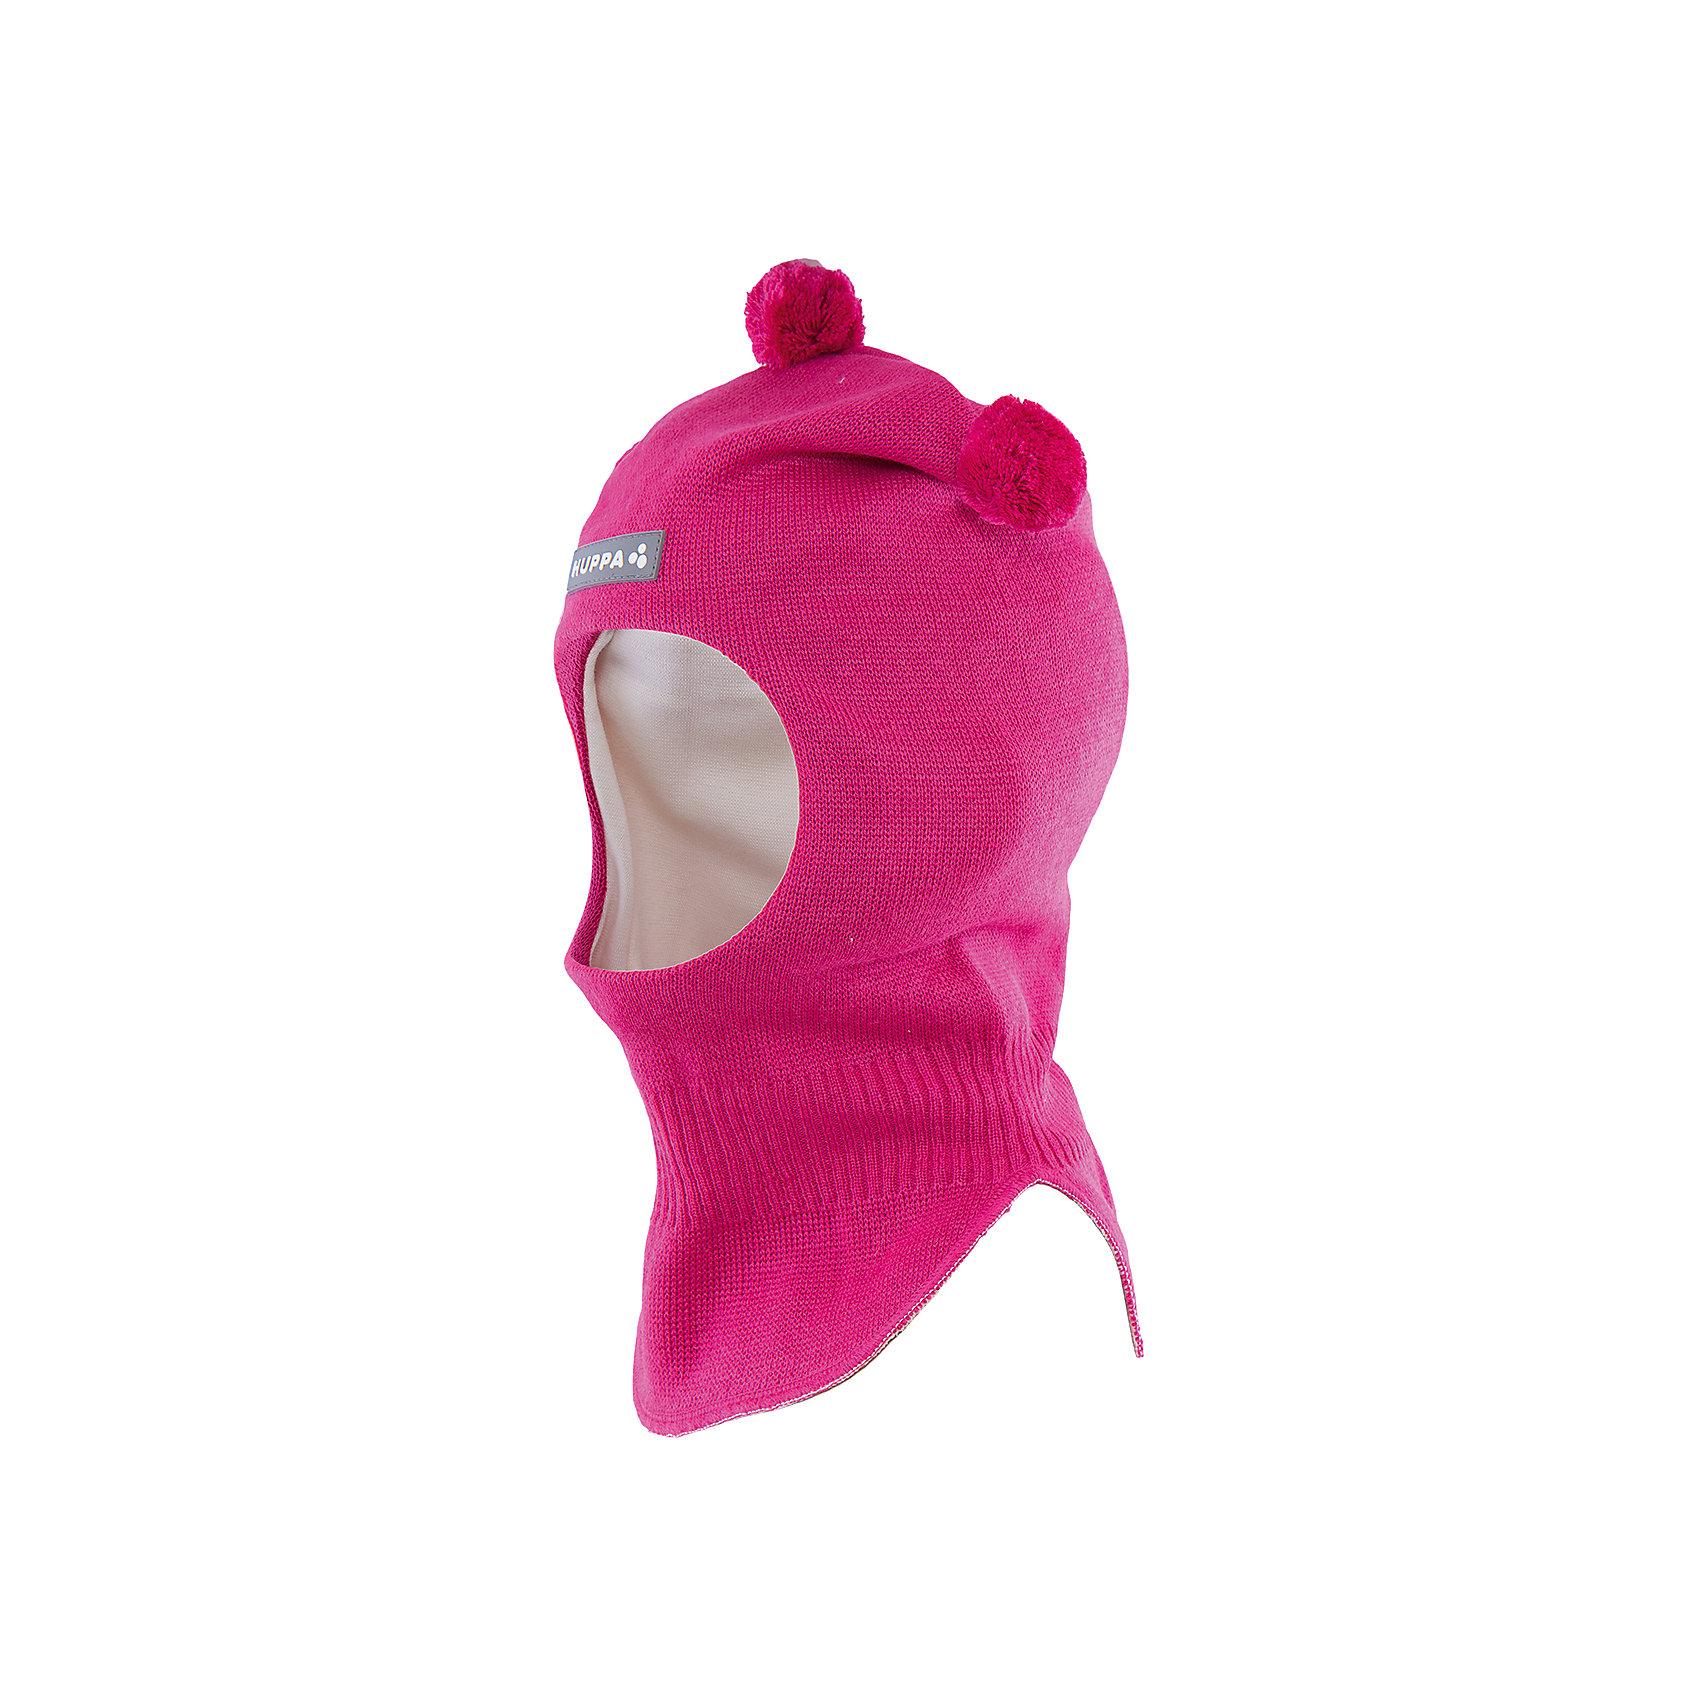 Шапка-шлем   HuppaШапочки<br>Шапка-шлем COCO Huppa(Хуппа) отлично подойдет для холодной зимы. Она идеально защитит голову, шею и уши ребенка от холода и ветра. В области шеи есть удобная широкая резинка для максимальной защиты от мороза. Шапка украшена тремя помпонами. Прекрасный вариант для долгих прогулок.<br><br>Дополнительная информация:<br>Материал: 50% шерсть мериноса, 50% акрил<br>Подкладка: хлопок<br>Цвет: фуксия<br><br>Шапку-шлем  Huppa(Хуппа) можно приобрести в нашем интернет-магазине.<br><br>Ширина мм: 89<br>Глубина мм: 117<br>Высота мм: 44<br>Вес г: 155<br>Цвет: розовый<br>Возраст от месяцев: 9<br>Возраст до месяцев: 12<br>Пол: Женский<br>Возраст: Детский<br>Размер: 43-45,51-53,47-49<br>SKU: 4923870